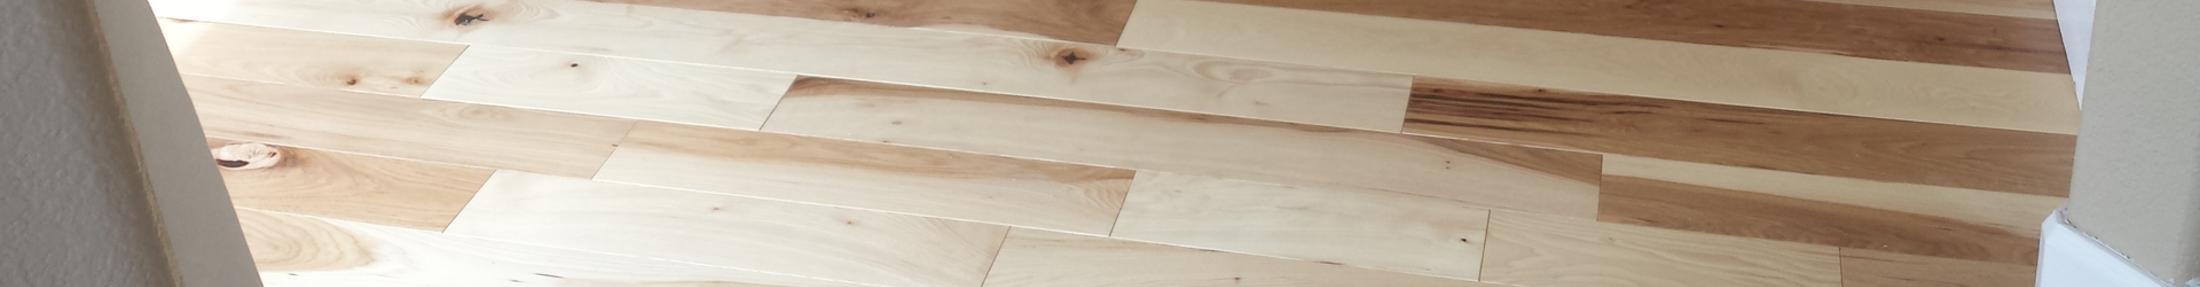 Custom Flooring Specialists Laminate Flooring Vinyl Plank Flooring